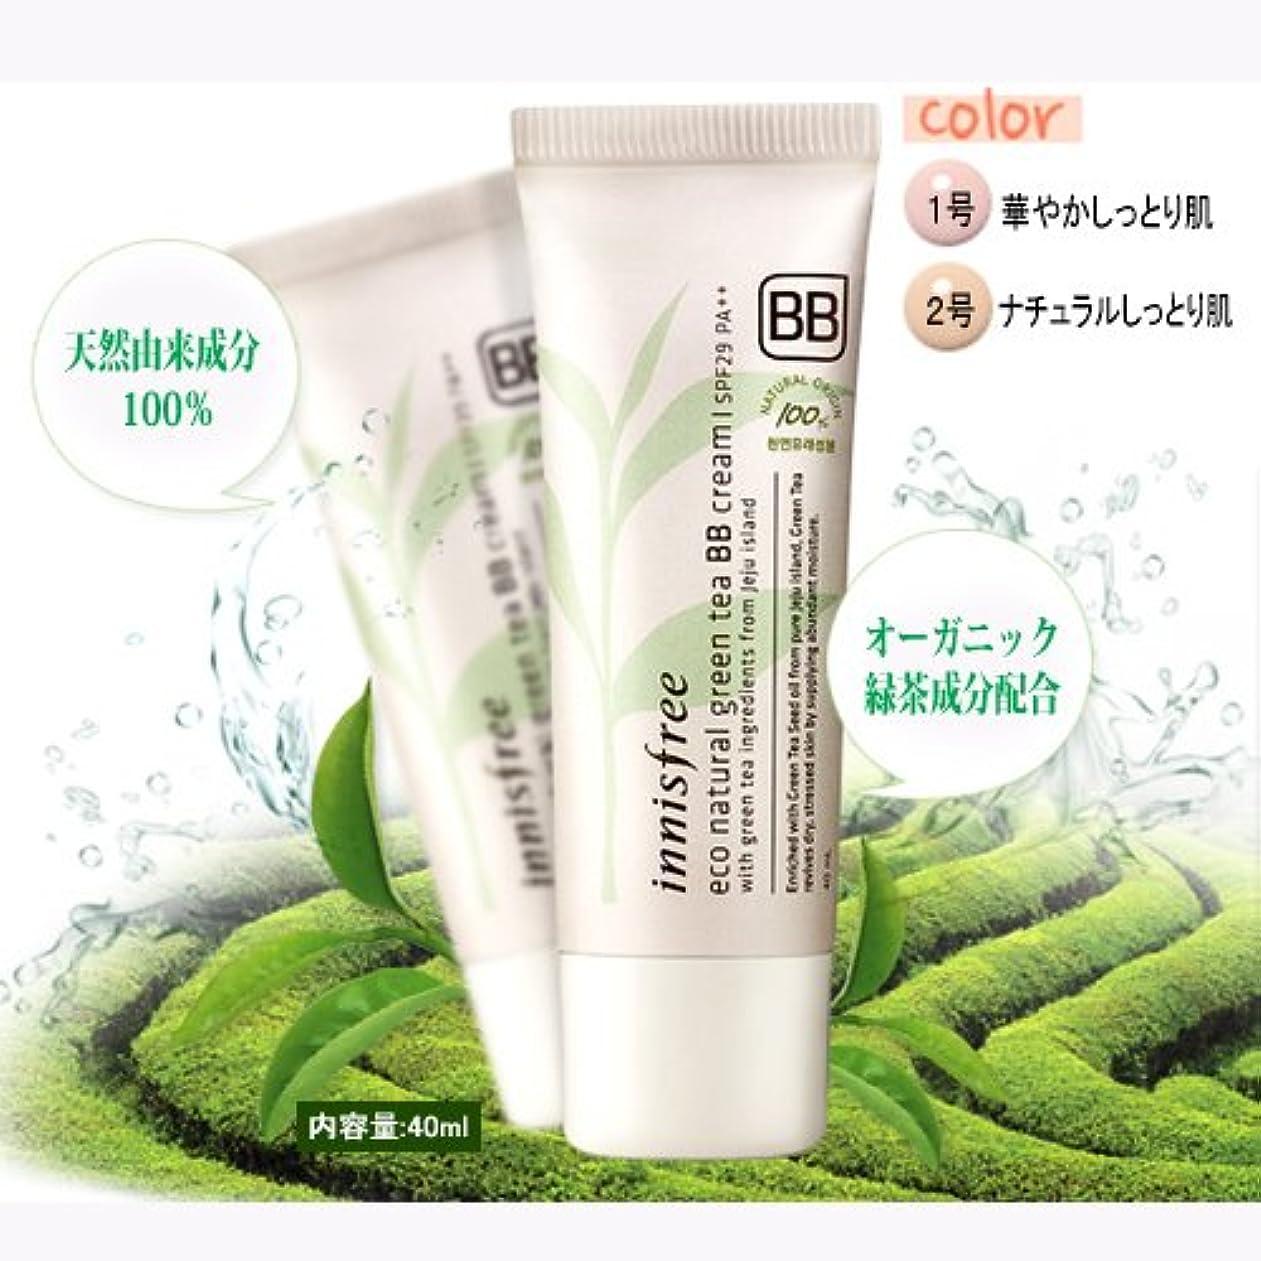 キャプチャー休眠柔らかいinnisfree/イニスフリー Eco Natural Green Tea BB Cream #01 /エコナチュラルグリーンティーBBクリーム 華やかなしっとり肌 SPF29PA++40ml